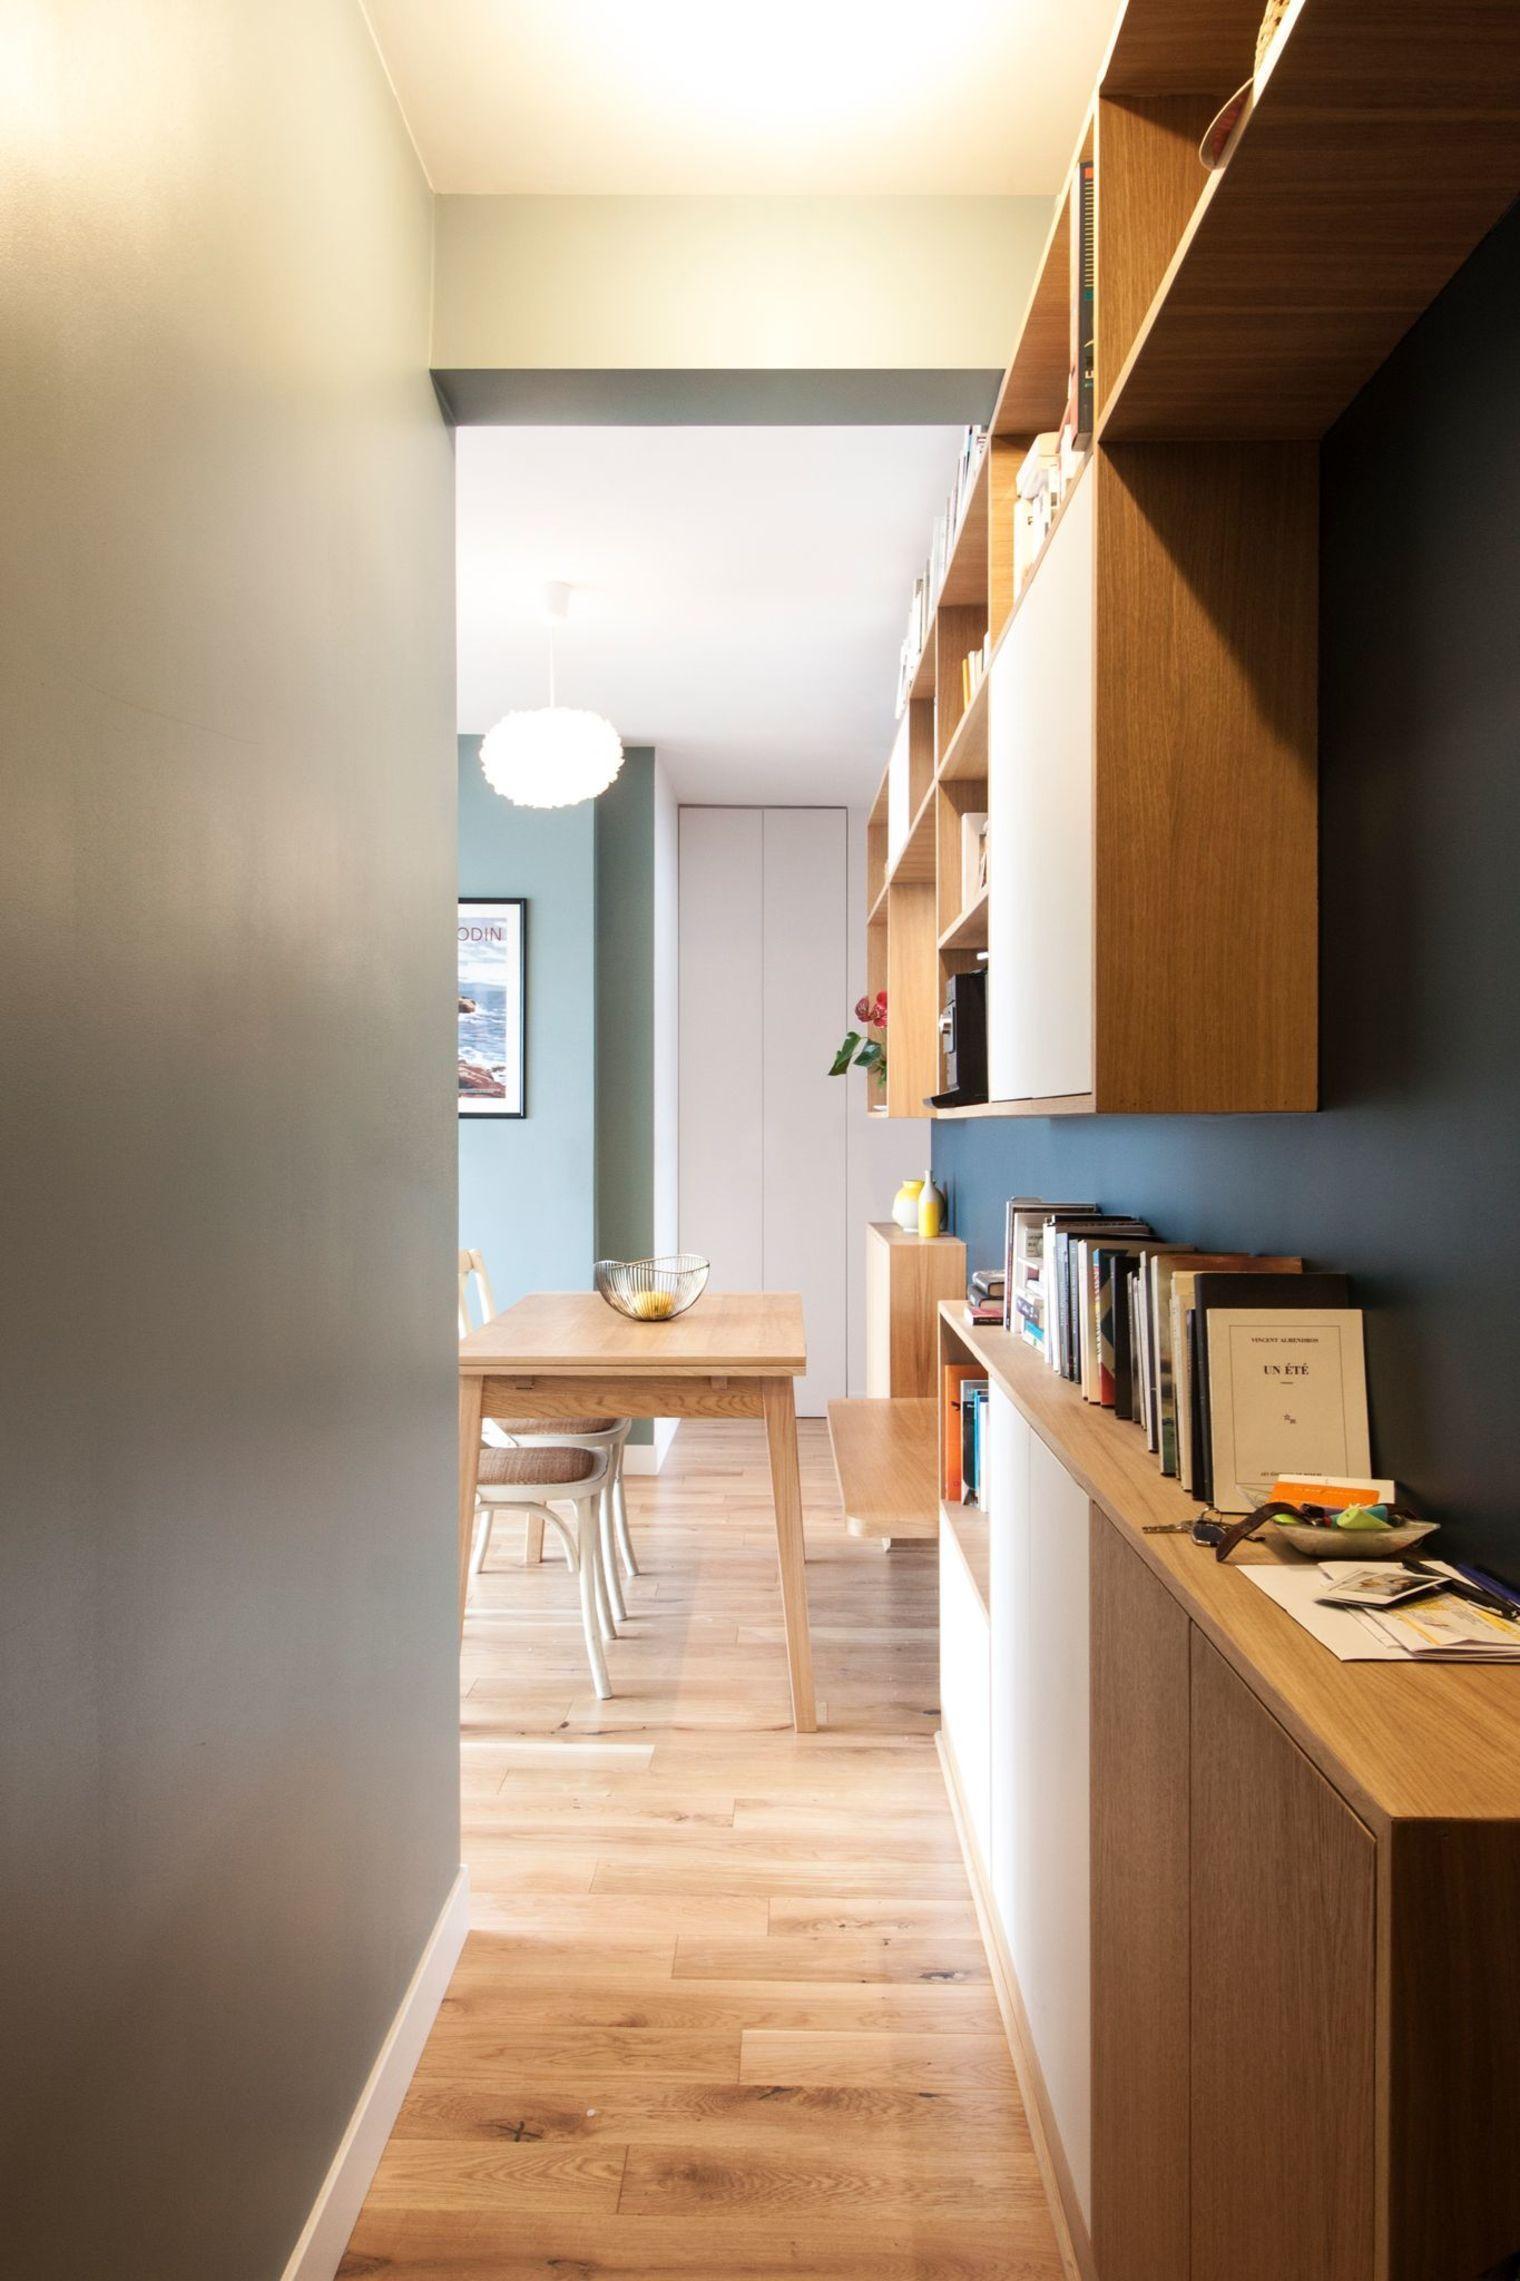 Appartement Duplex Paris Renove Par Un Architecte Appartement